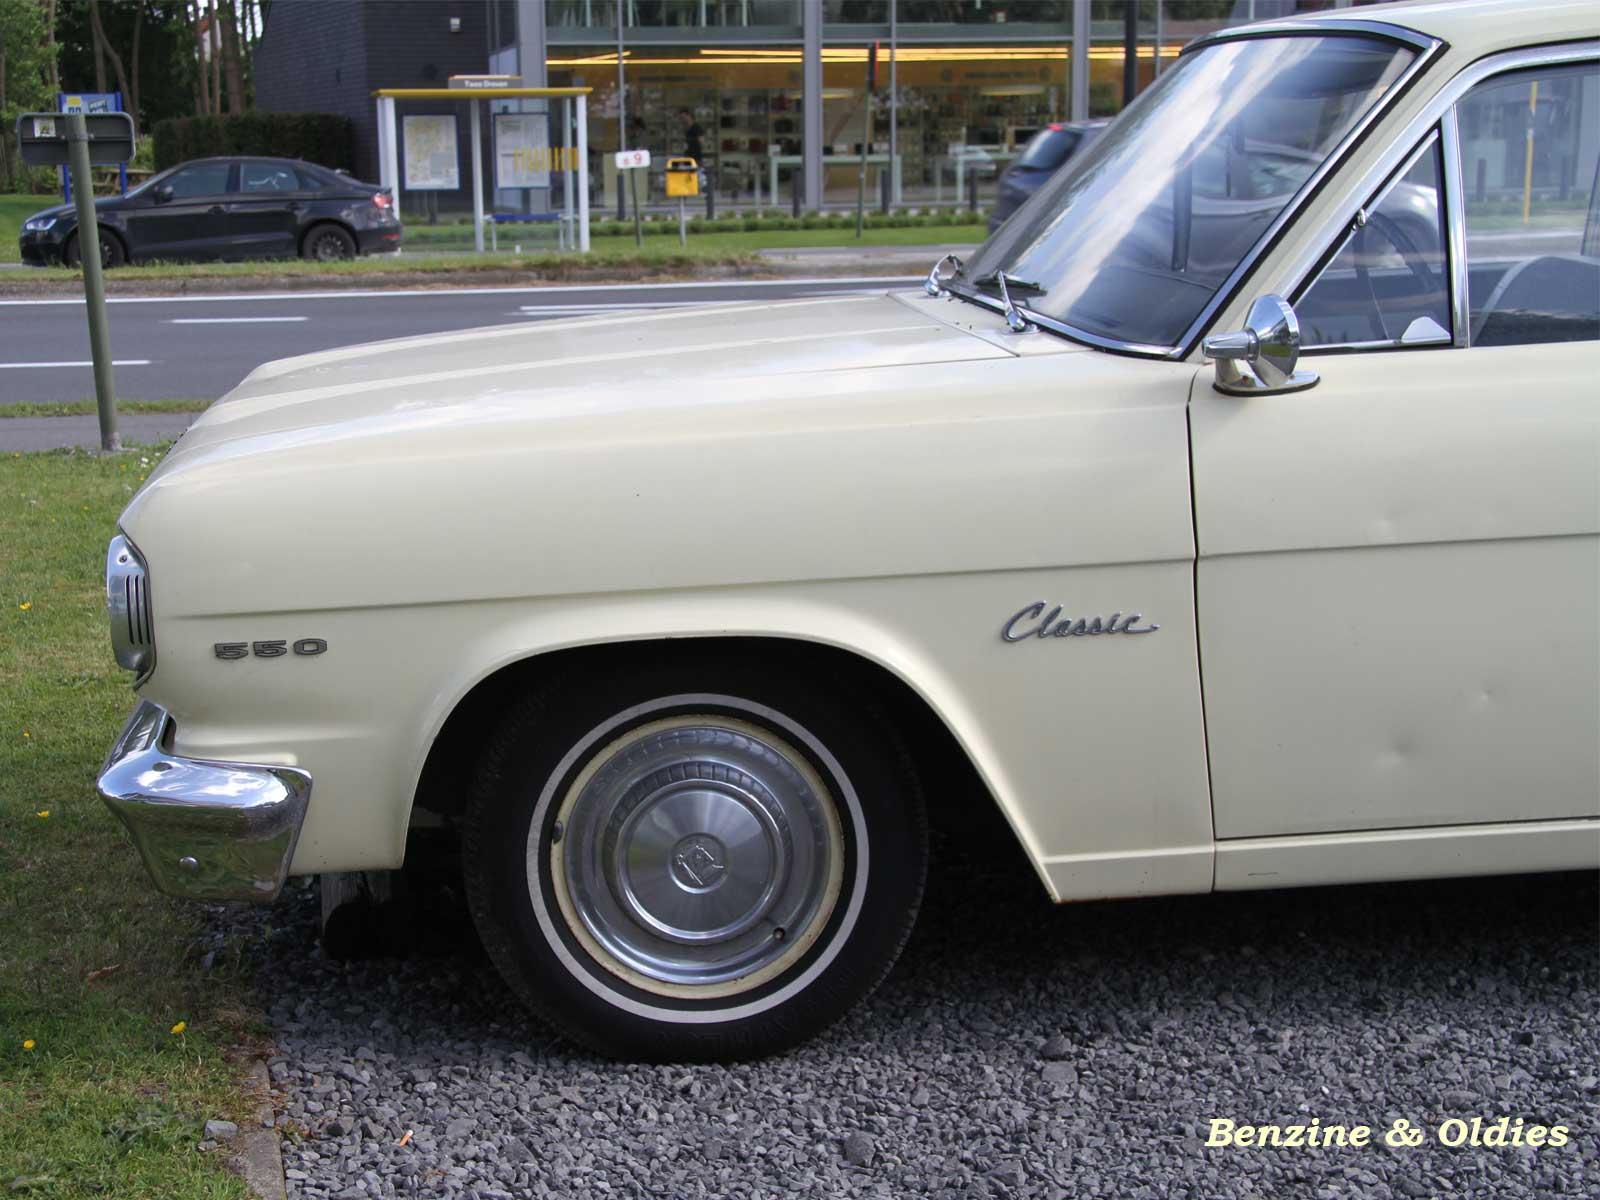 Une Renault Rambler 550 Classic coupé vue sur la route 542192rarmblerstreet09w16001200